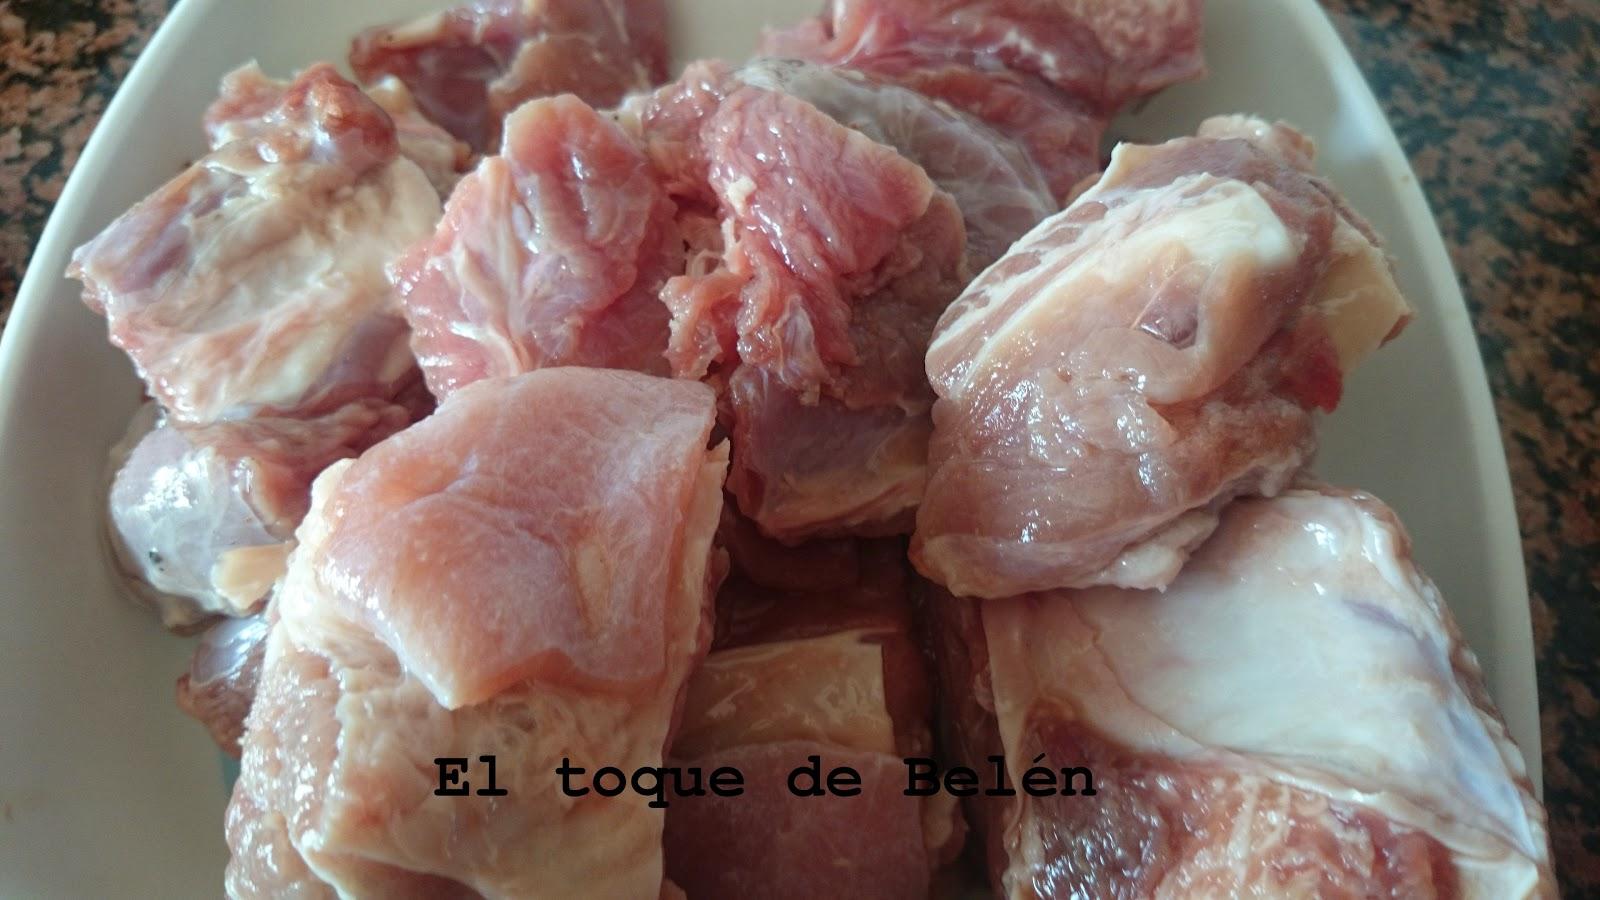 pies de cerdo acido urico medicamentos utilizados para tratar la gota medicamentos naturales contra la gota